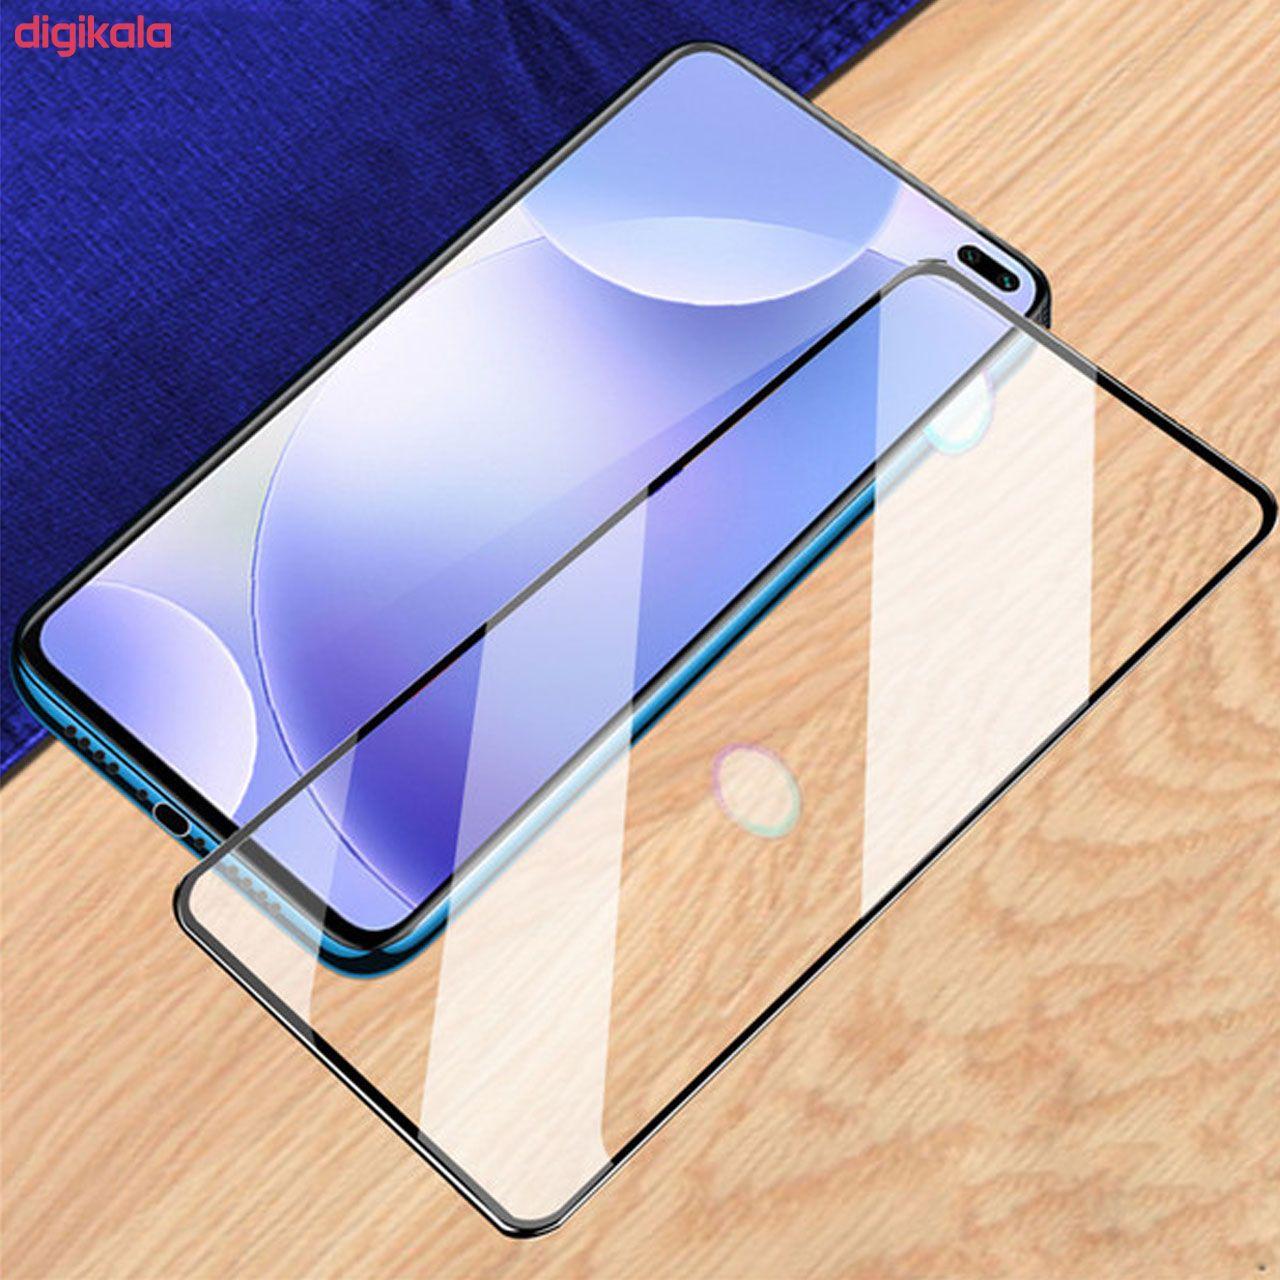 محافظ صفحه نمایش تراستکتور مدل GSS مناسب برای گوشی موبایل شیائومی Redmi K30 بسته 3 عددی main 1 6